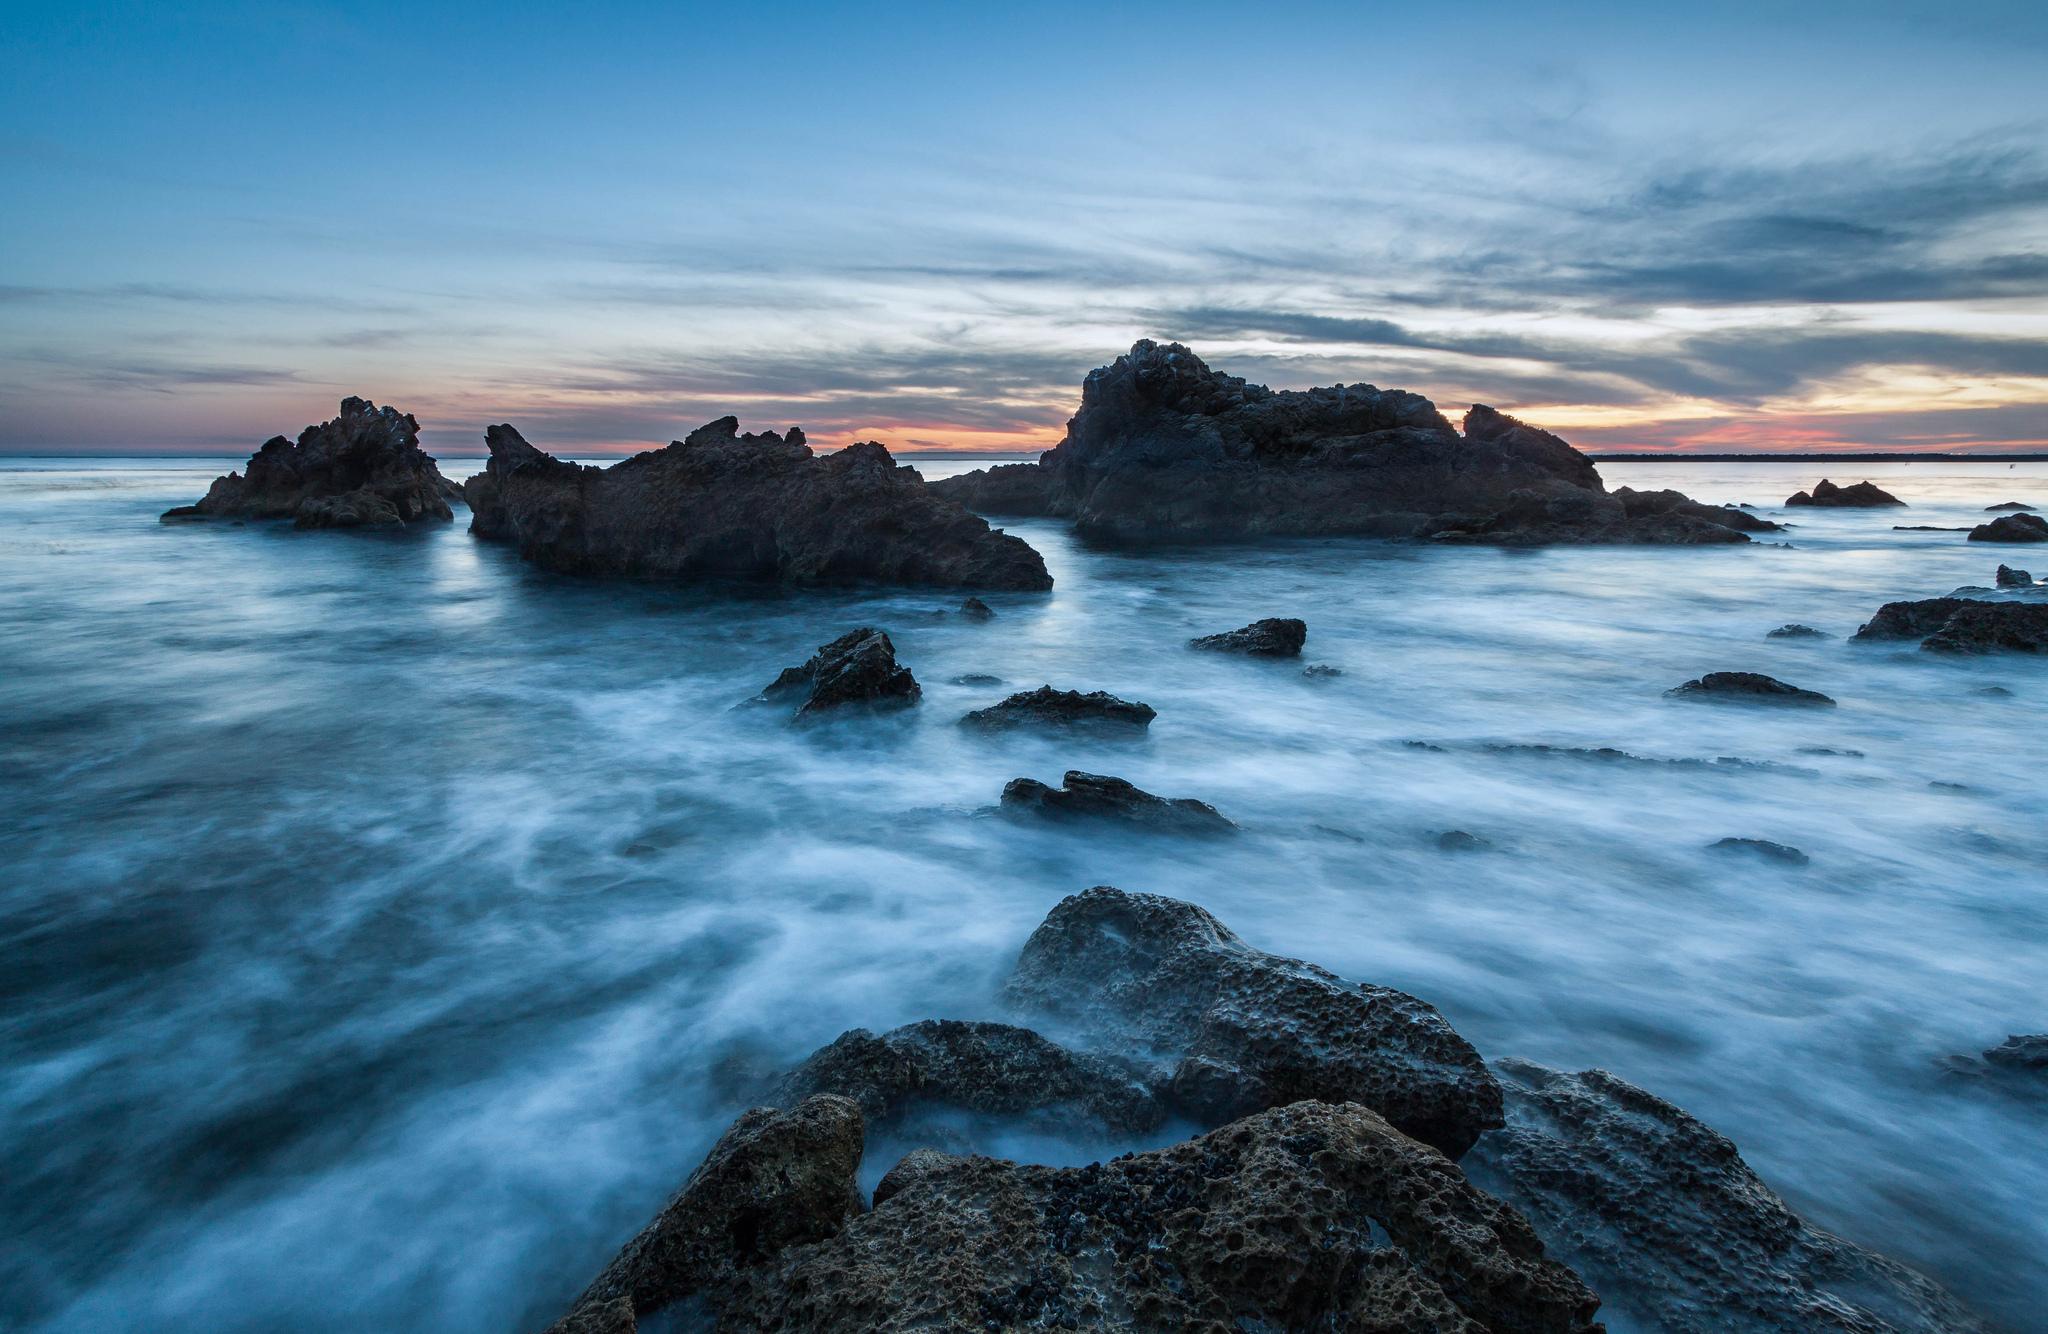 море океан камни скалы закат sea the ocean stones rock sunset  № 2530614  скачать